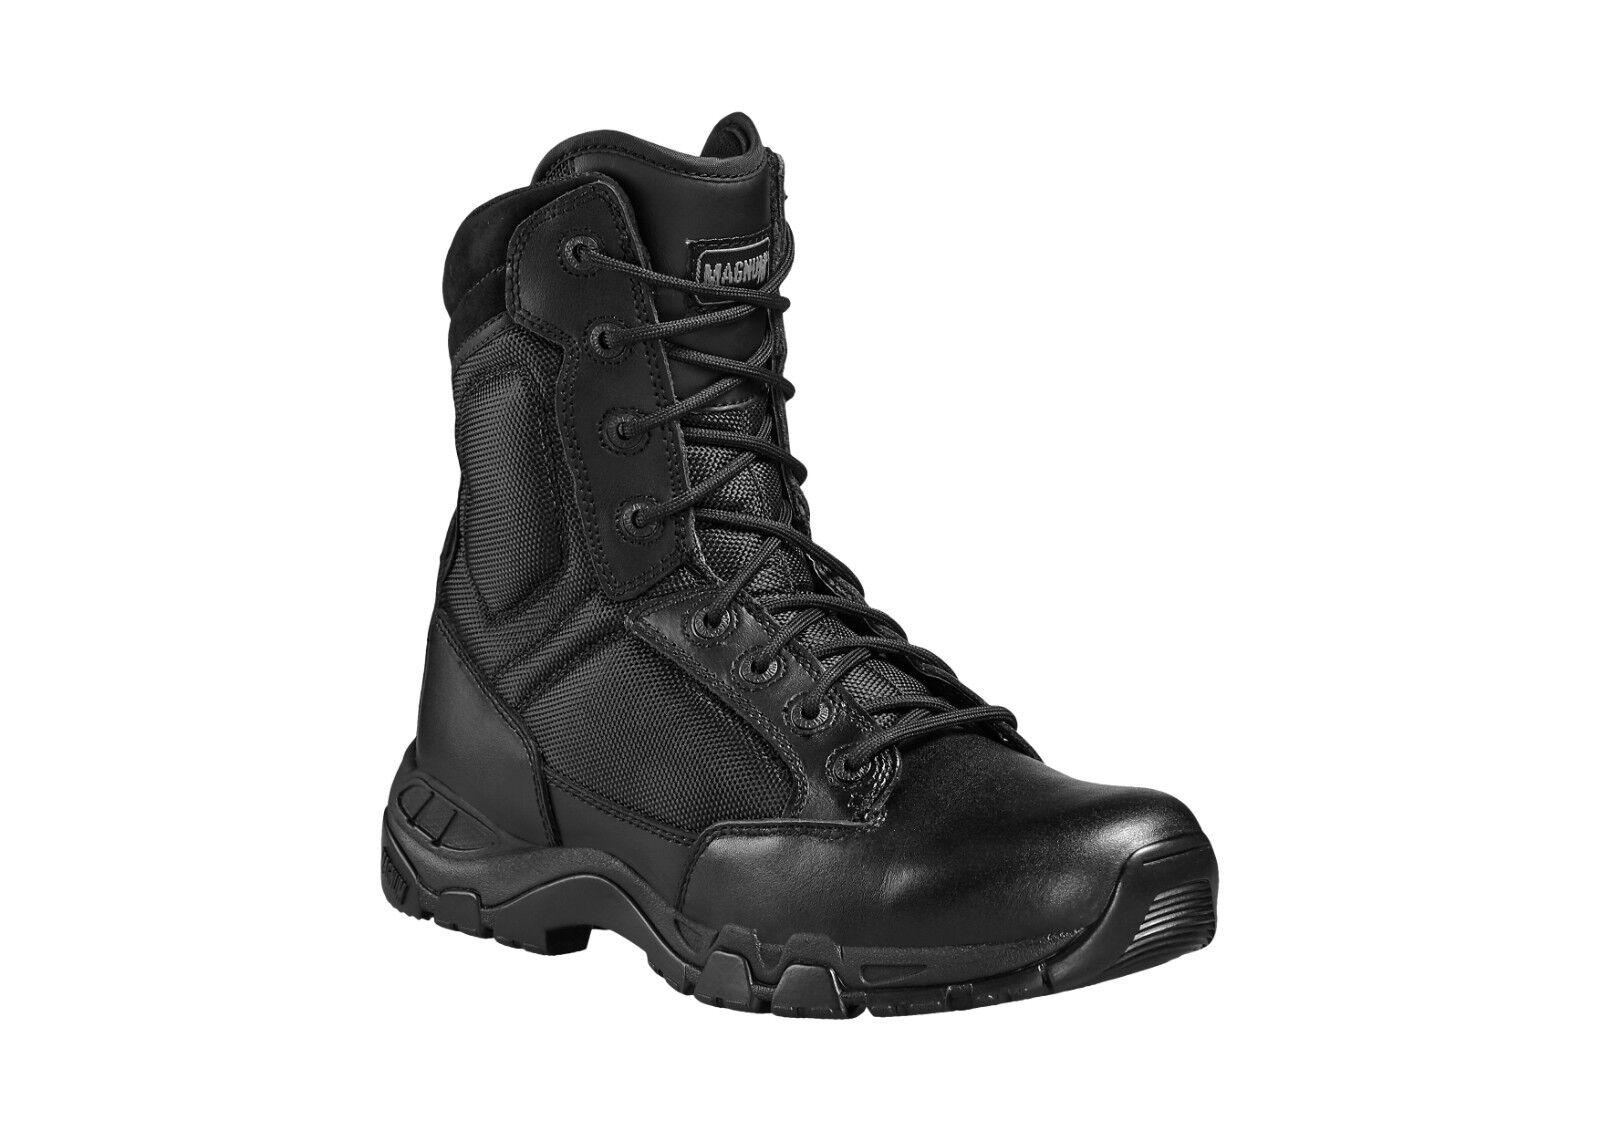 Magnum Viper Pro 8.0 Lace Up Tactical Combat Boots